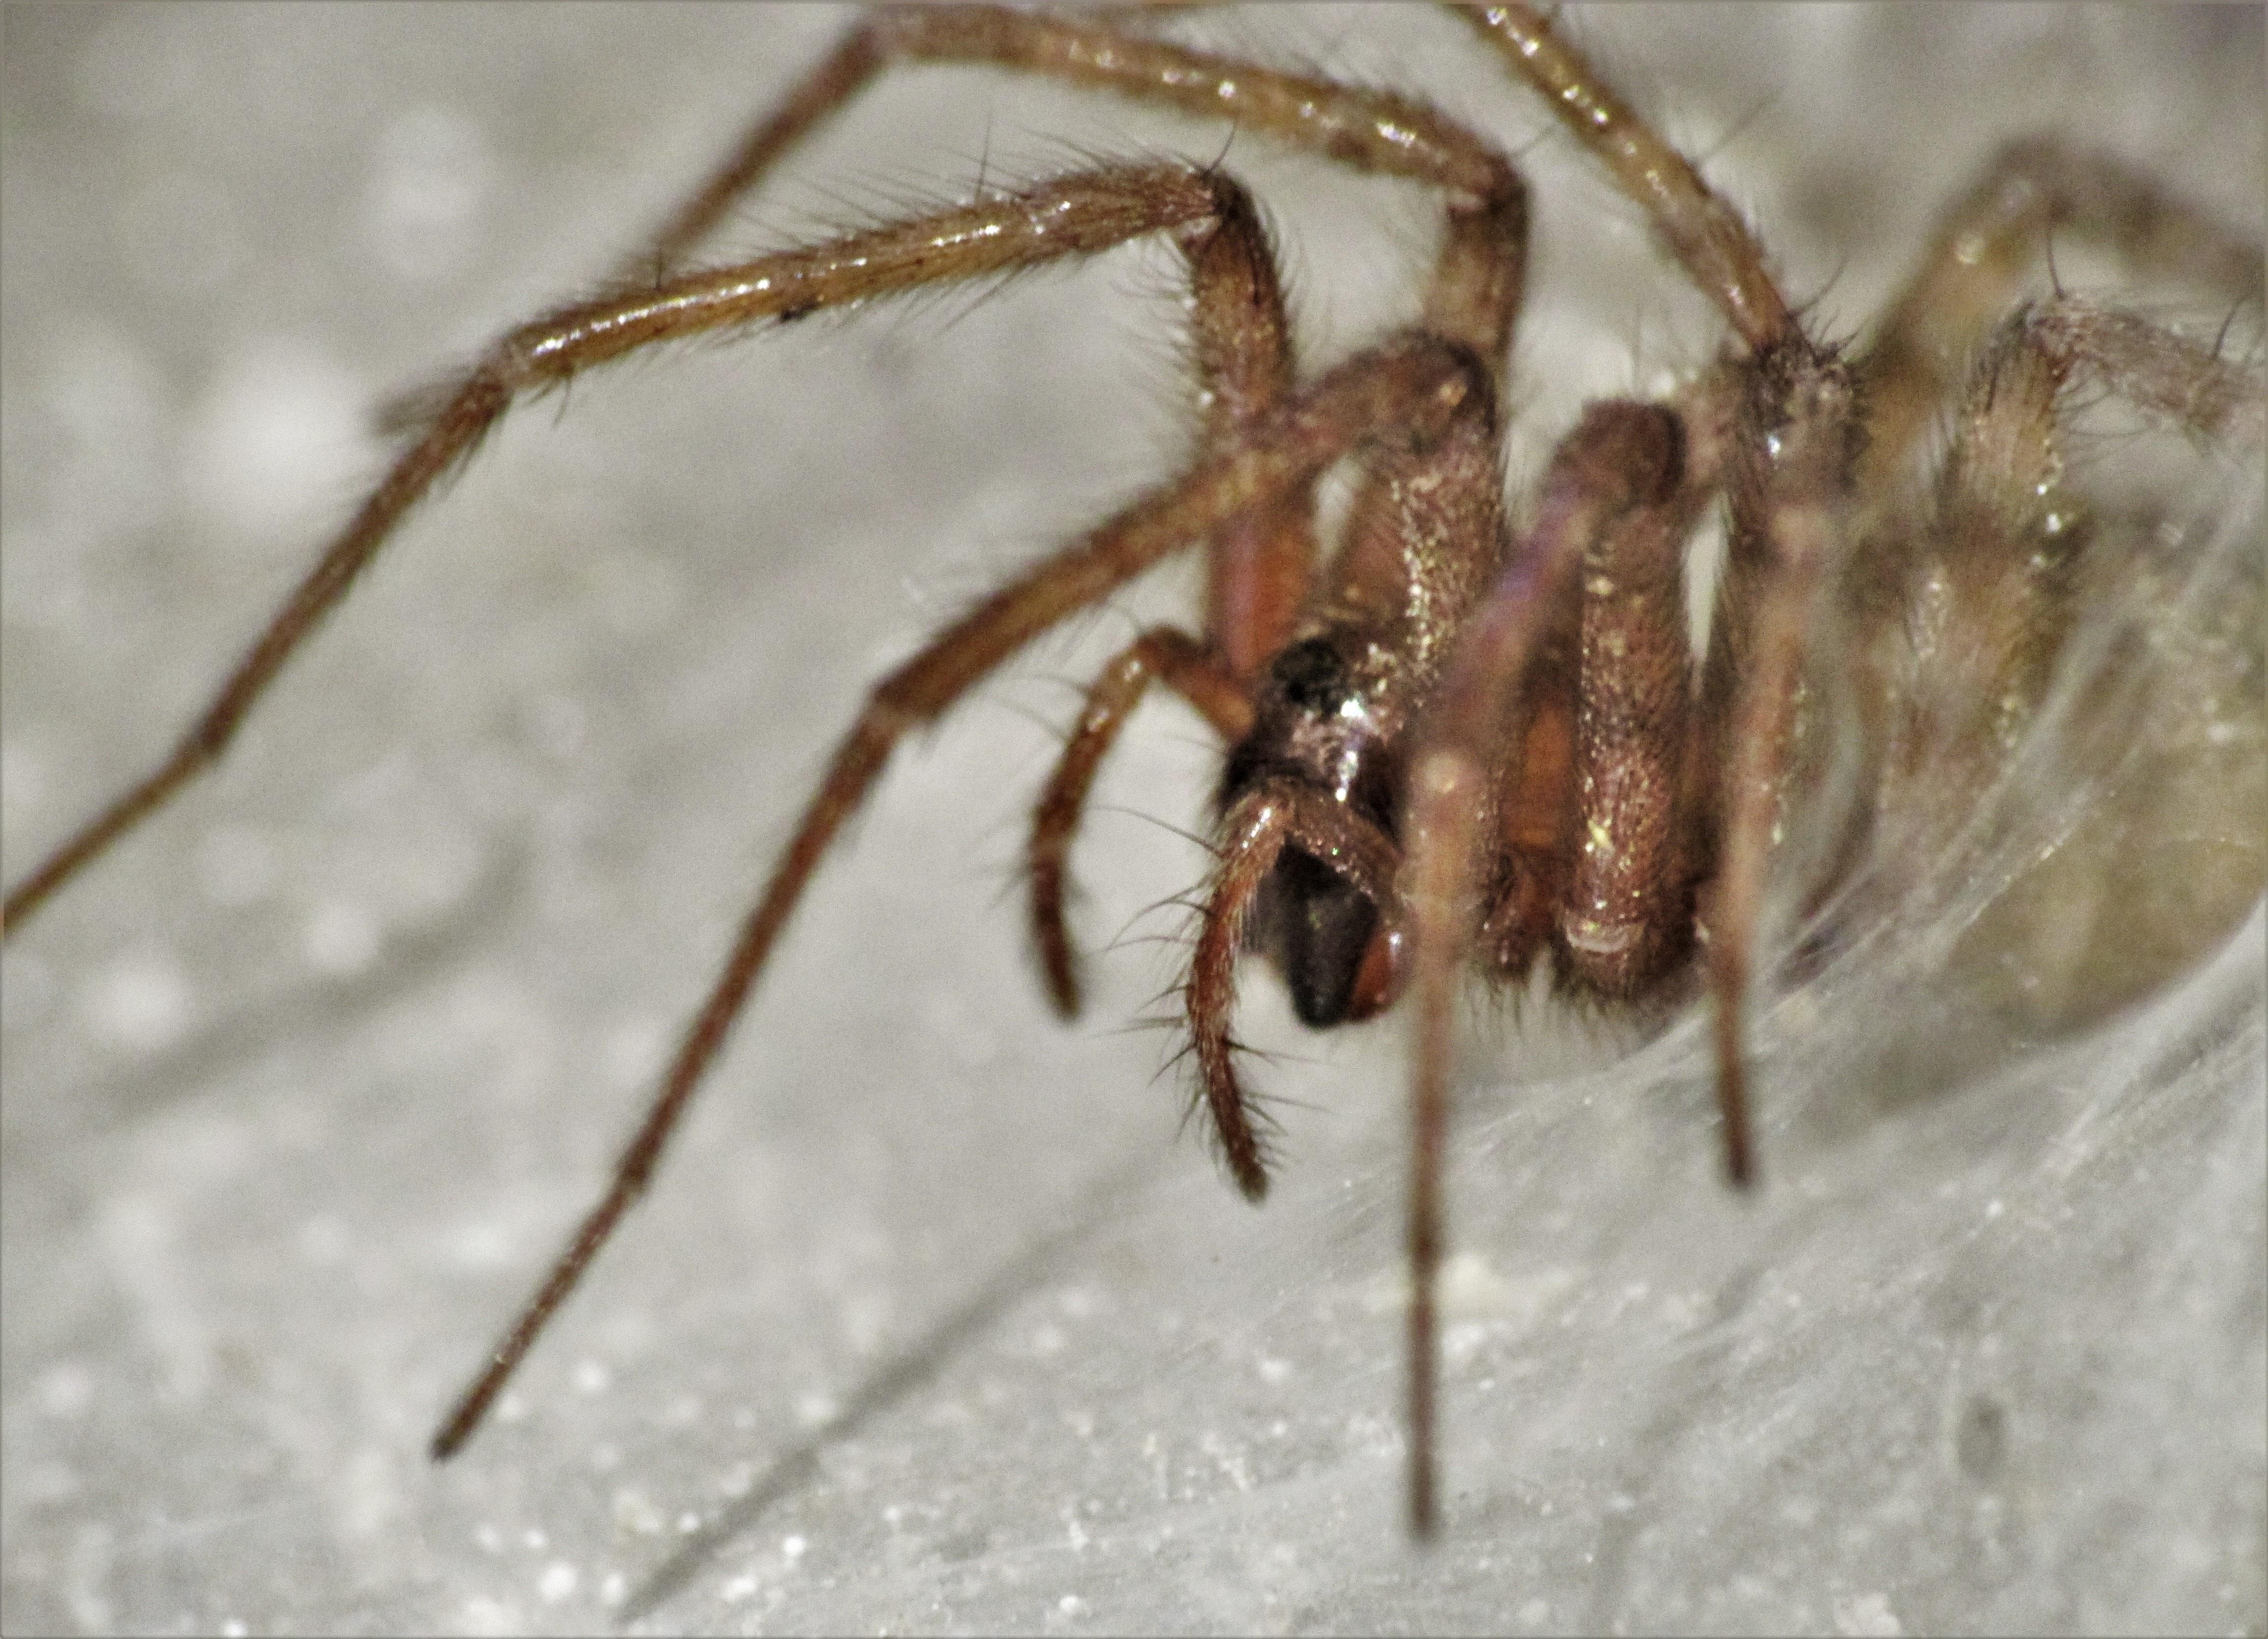 Picture of Tegenaria domestica (Barn Funnel Weaver) - Lateral,Webs